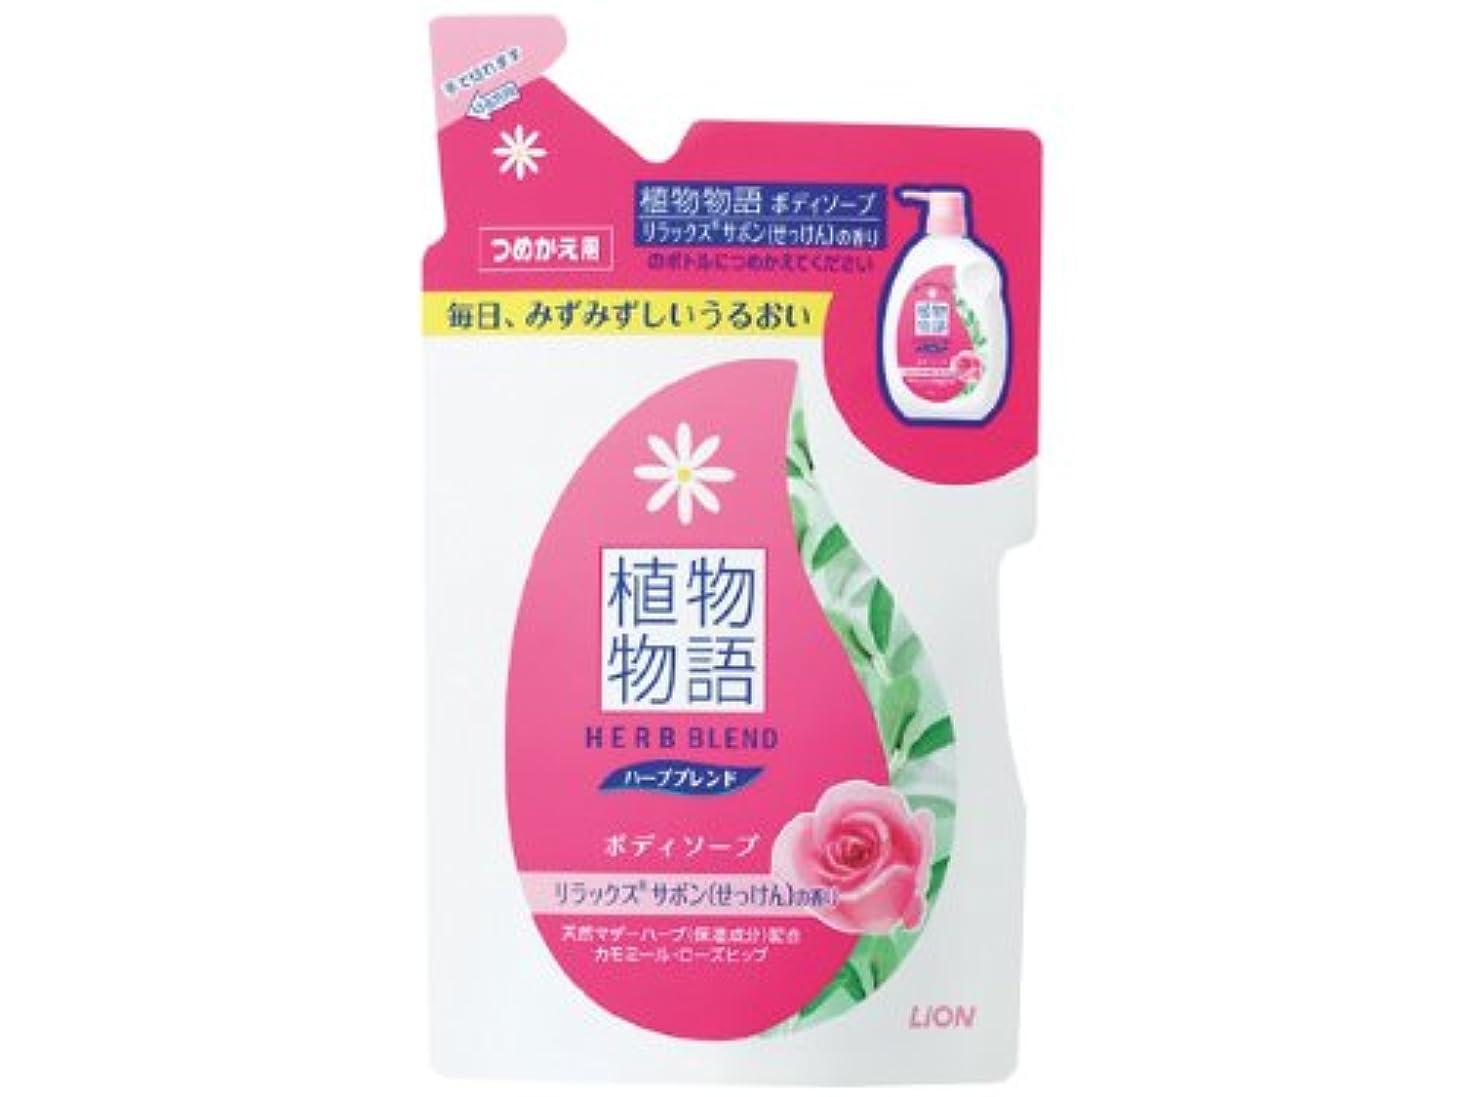 最悪スカウト膨らませる植物物語 ハーブブレンド ボディソープ リラックスサボン(せっけん)の香り つめかえ用 420mL